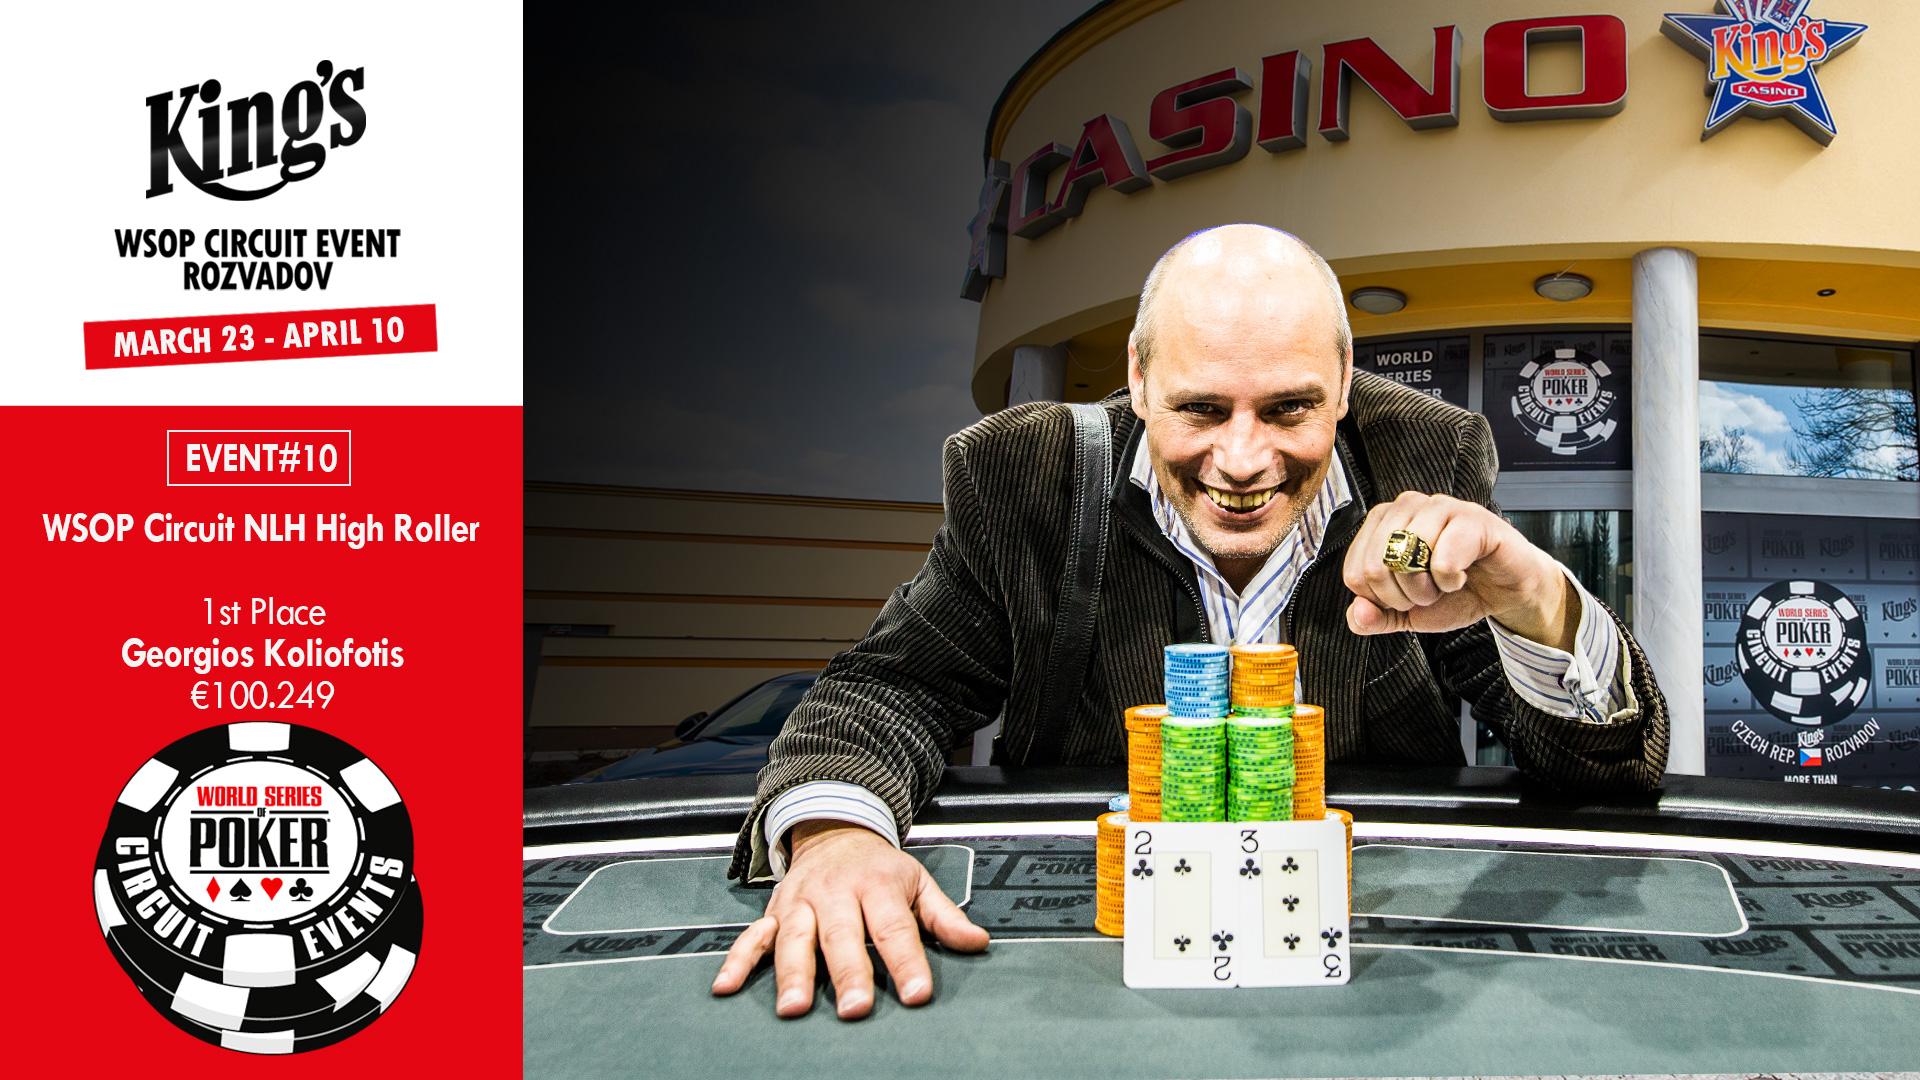 casino berlin spandau rosin